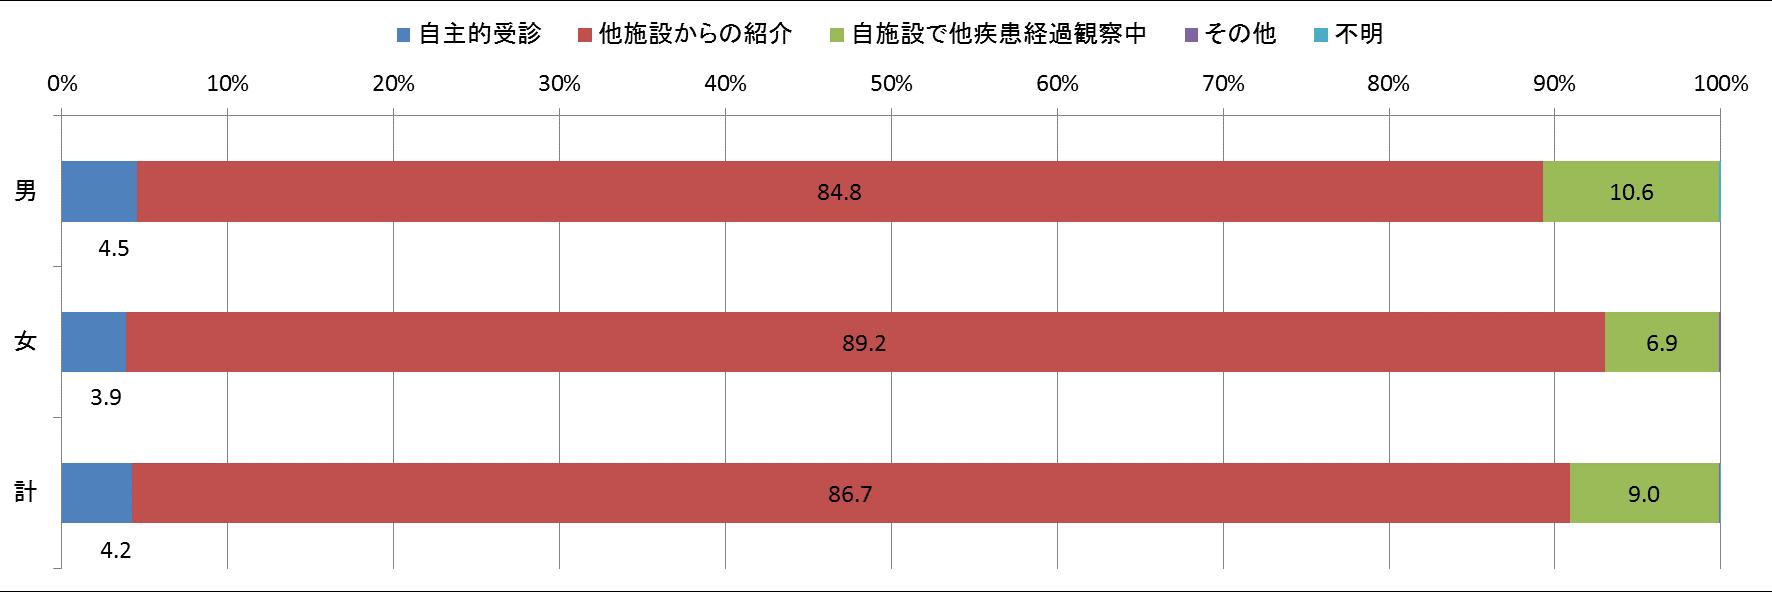 図4 来院経路別登録数